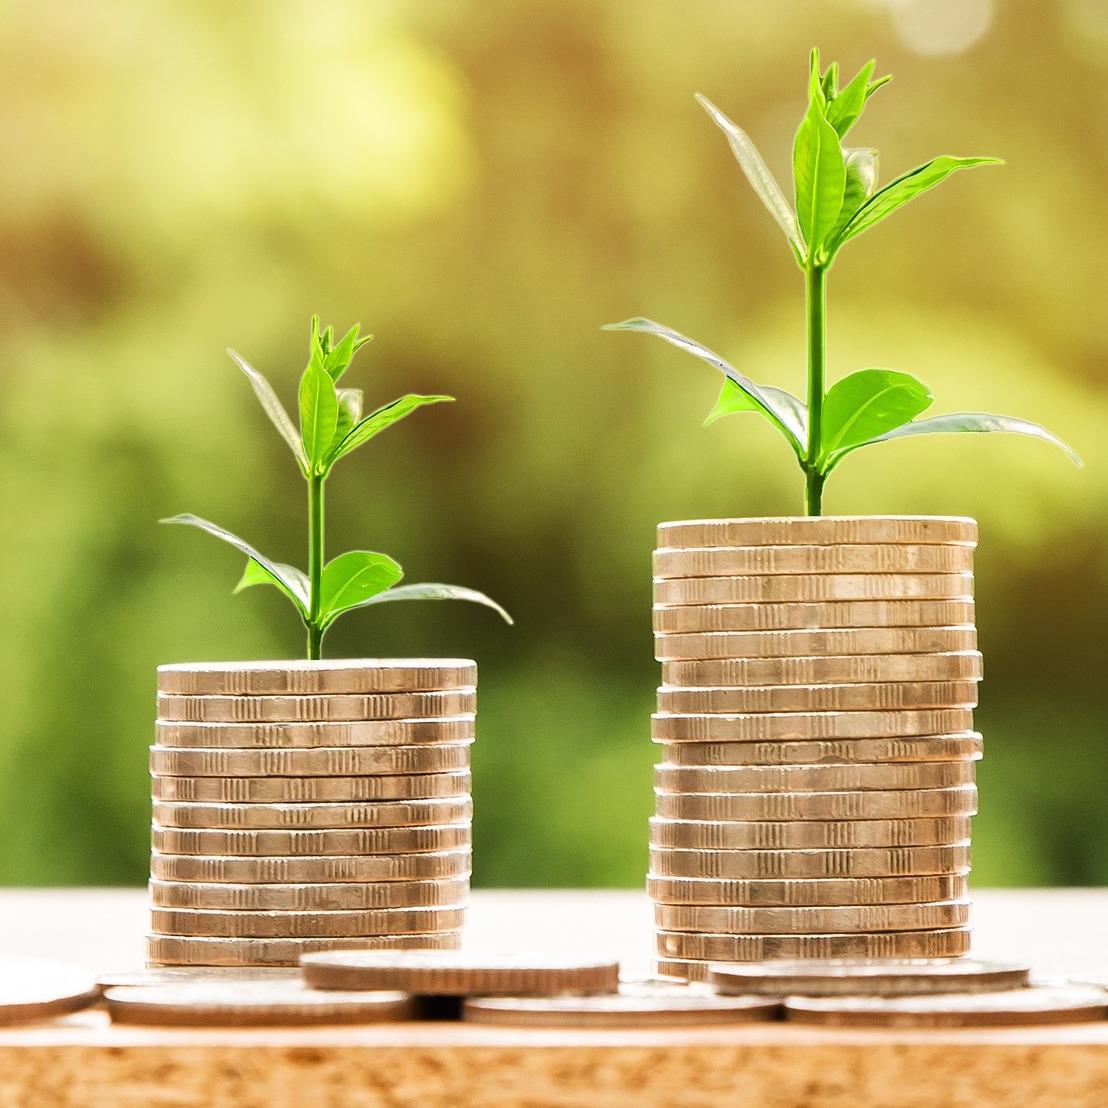 Eco-responsabilité : pourquoi les PME doivent s'y mettre